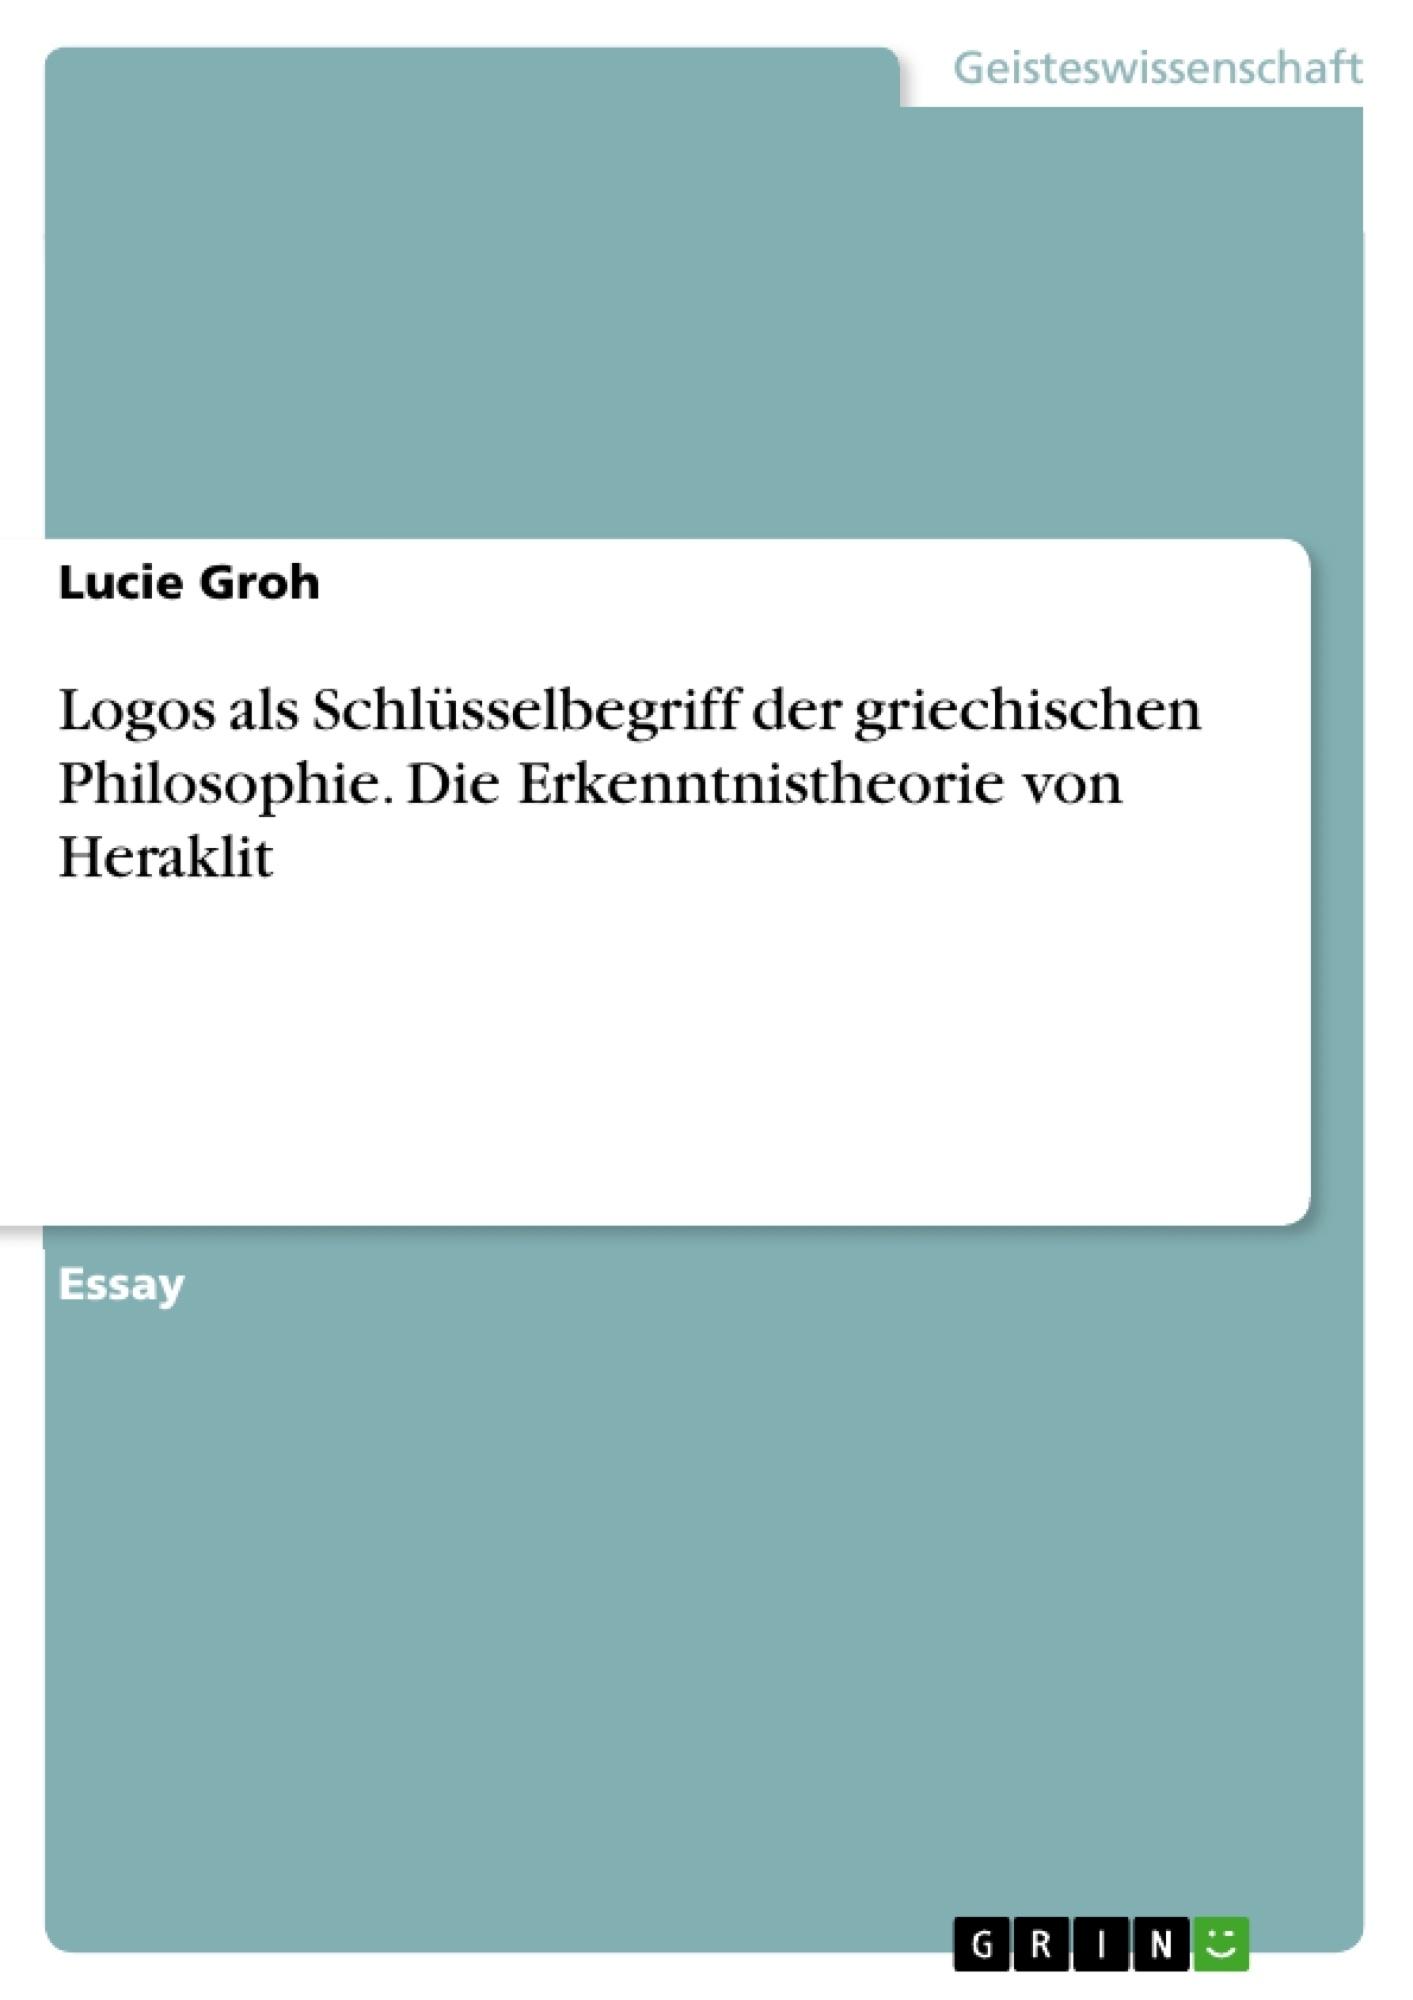 Titel: Logos als Schlüsselbegriff der griechischen Philosophie. Die Erkenntnistheorie von Heraklit